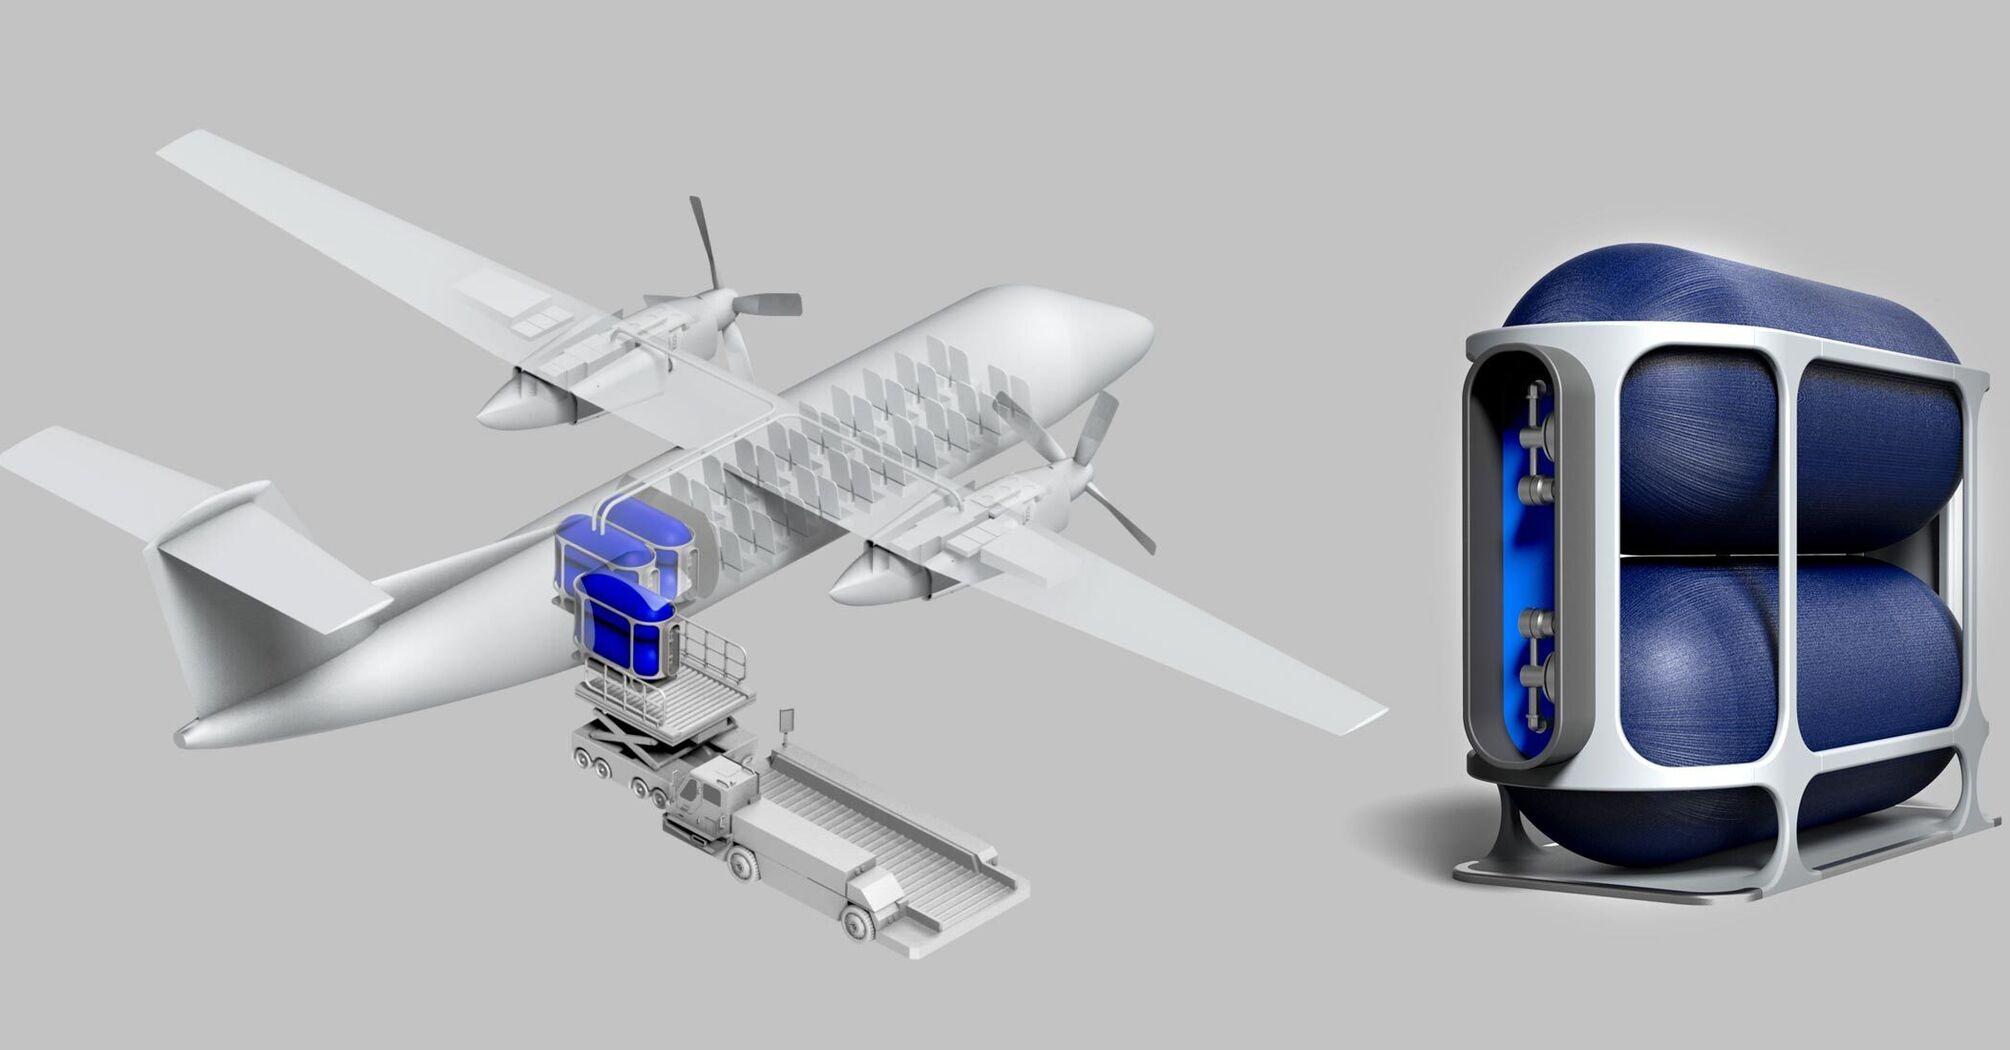 Український водневий стартап залучив $ 20,5 млн на розвиток авіатехнологій